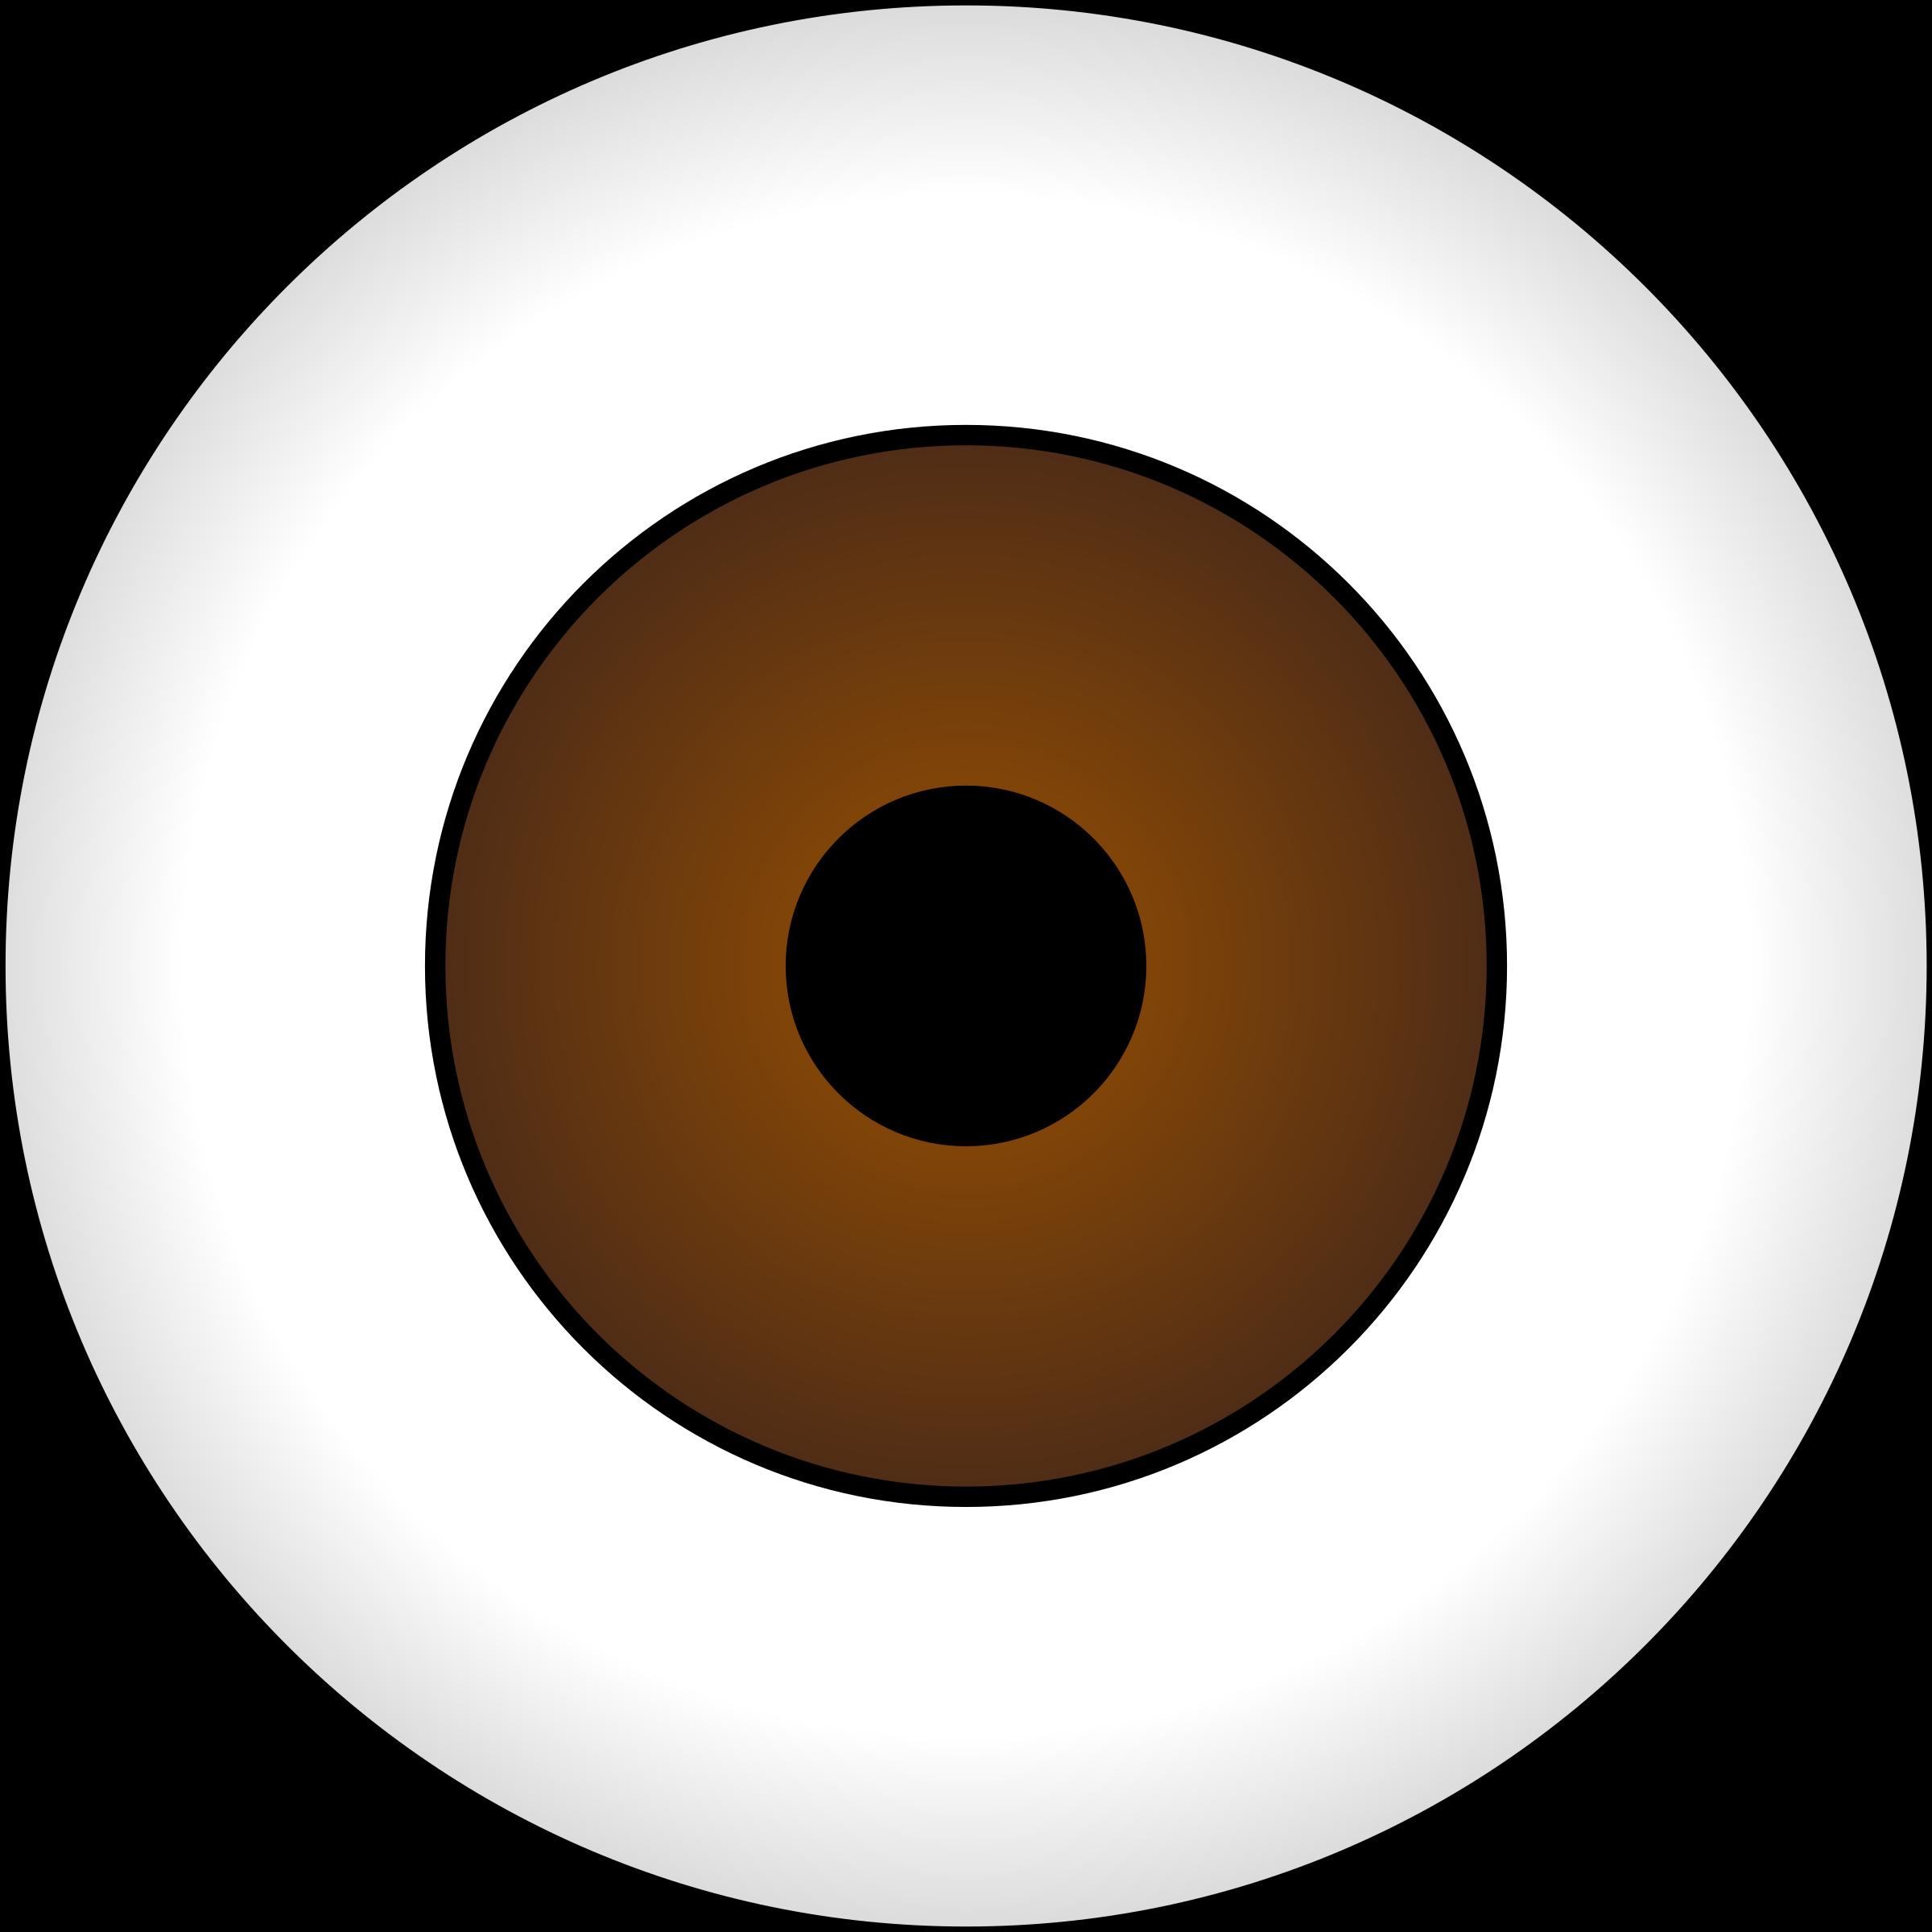 Olhos castanhos brown eye. Eyeballs clipart eys